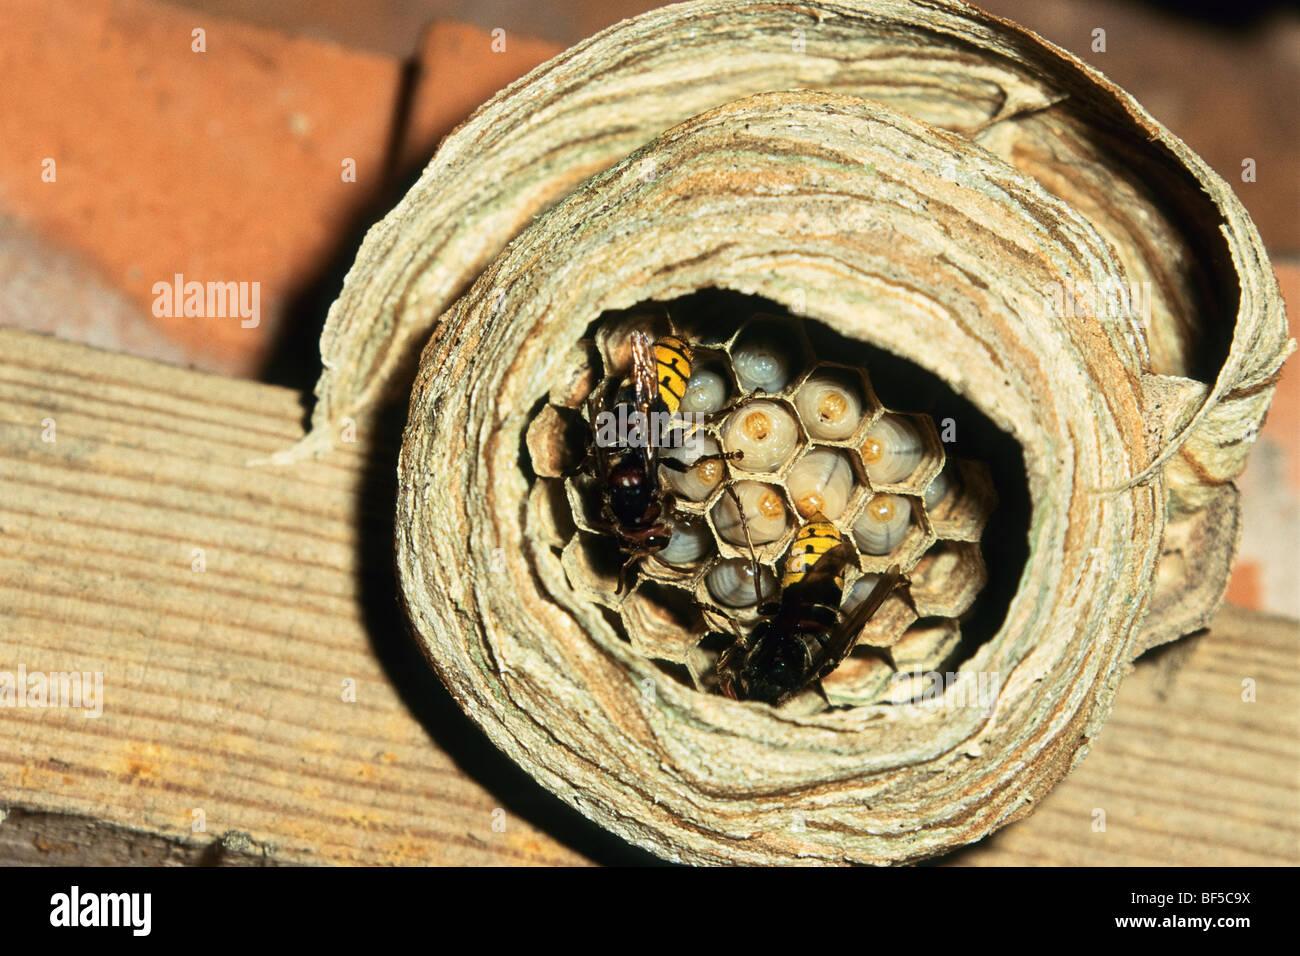 Hornets (Vespa crabro) en el nido con larvas, Alemania, Europa Imagen De Stock